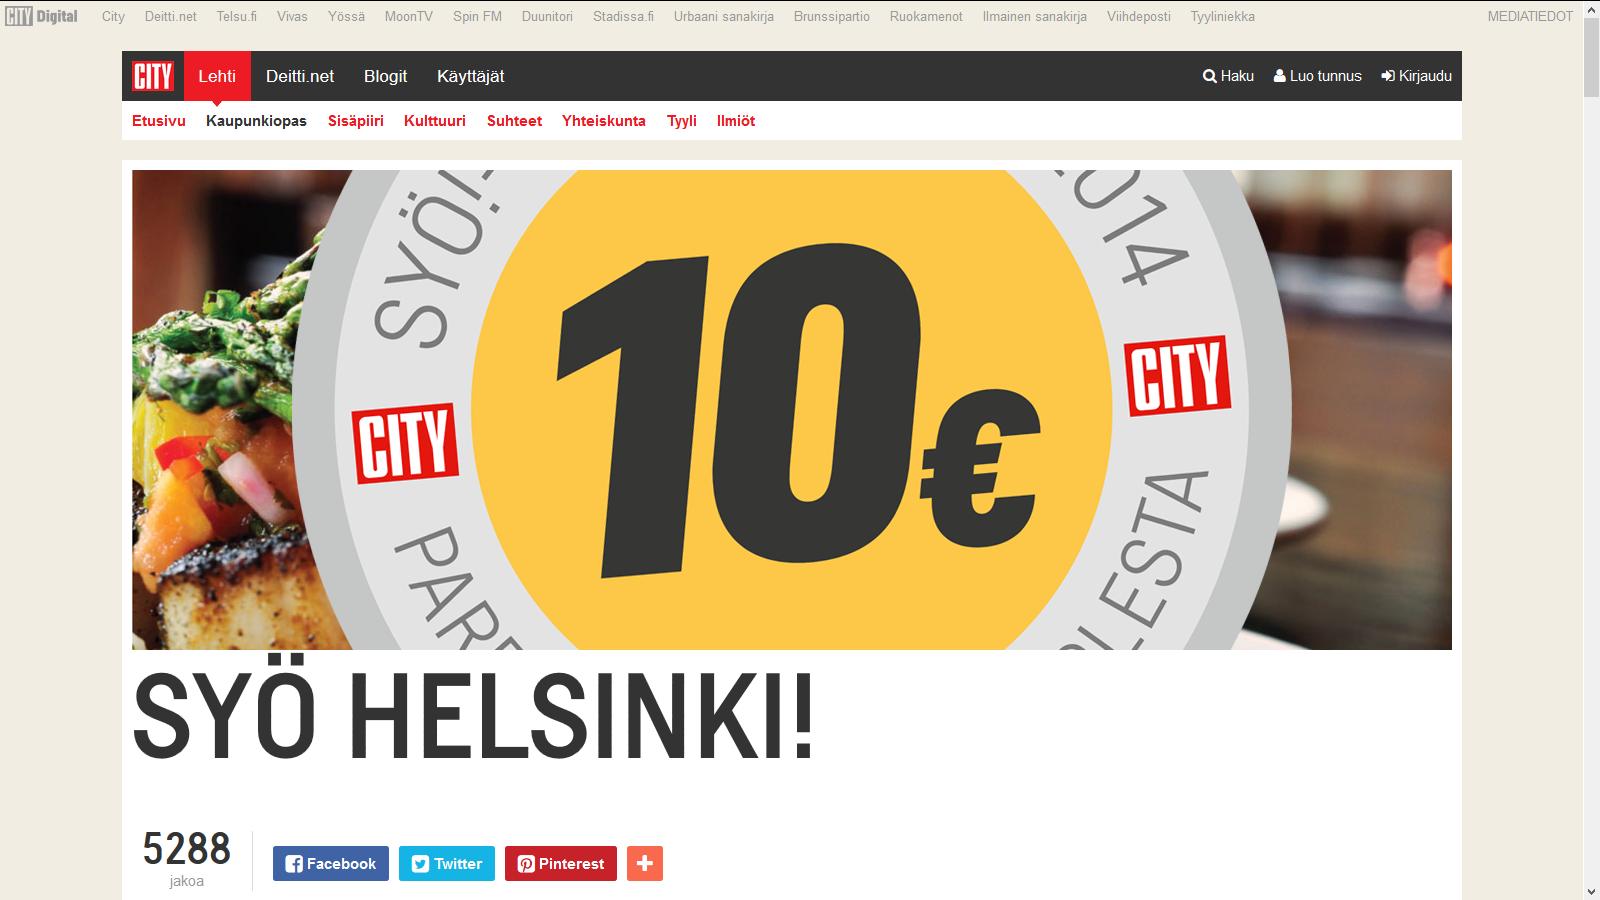 Syö Helsinki website